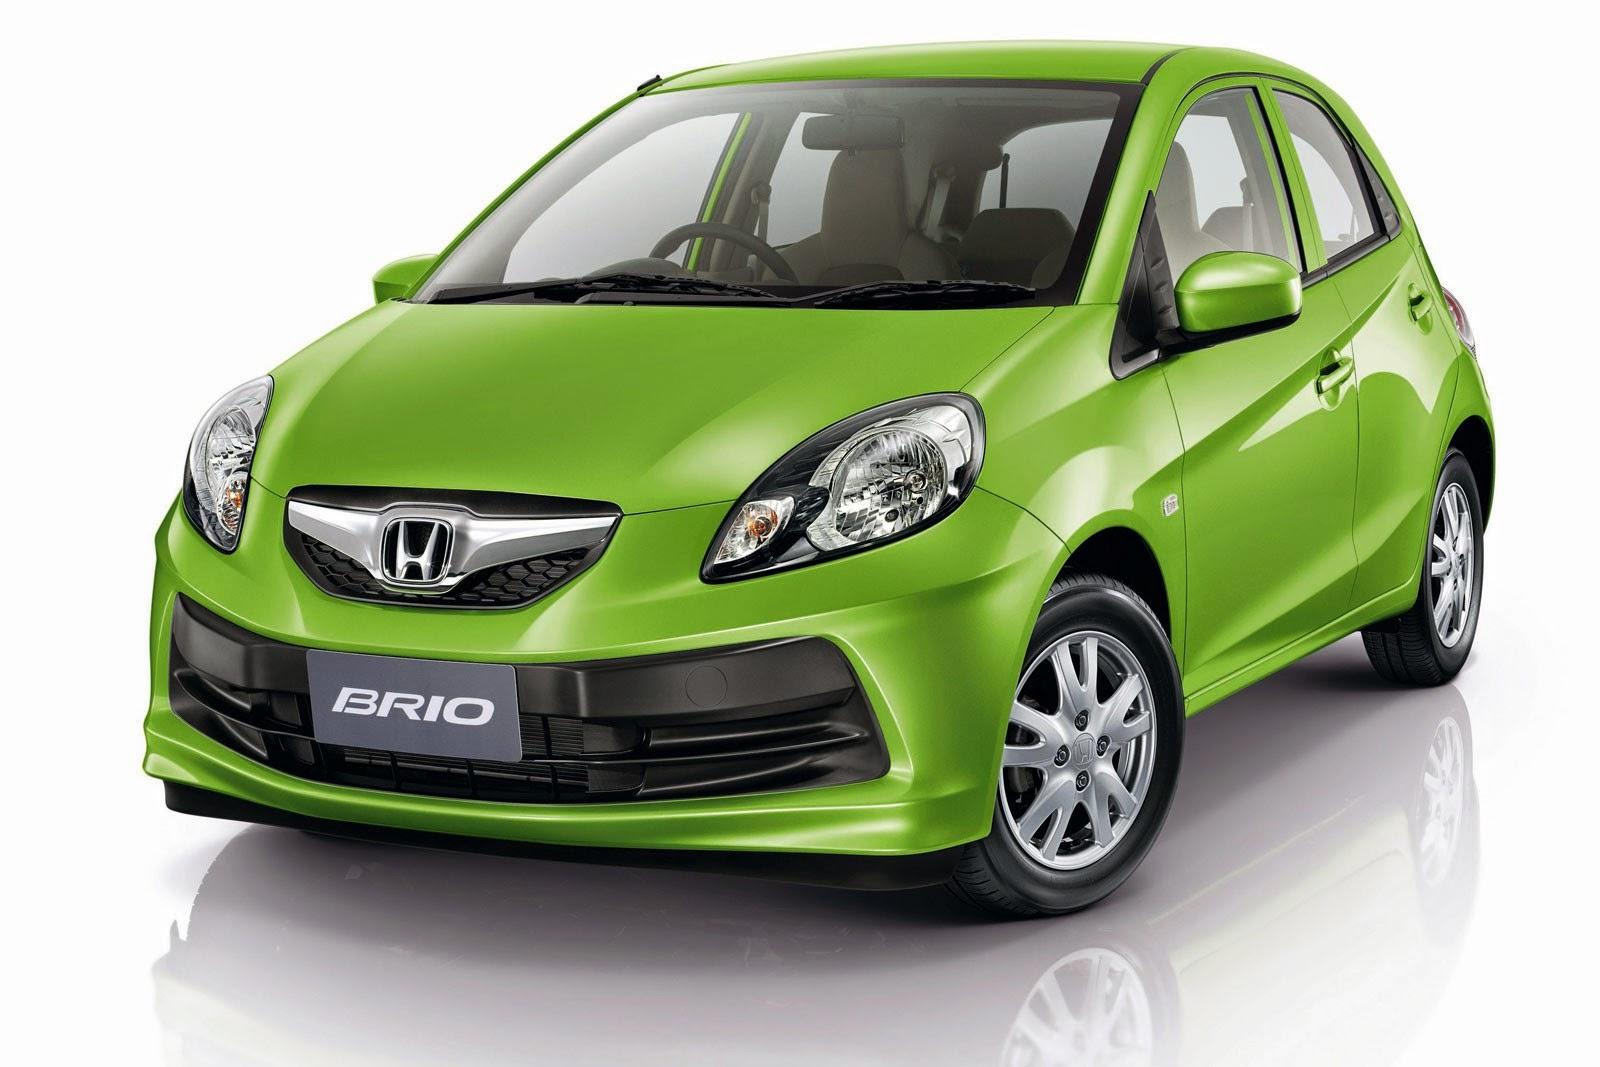 Spesifikasi dan Harga Mobil Honda Brio 2014